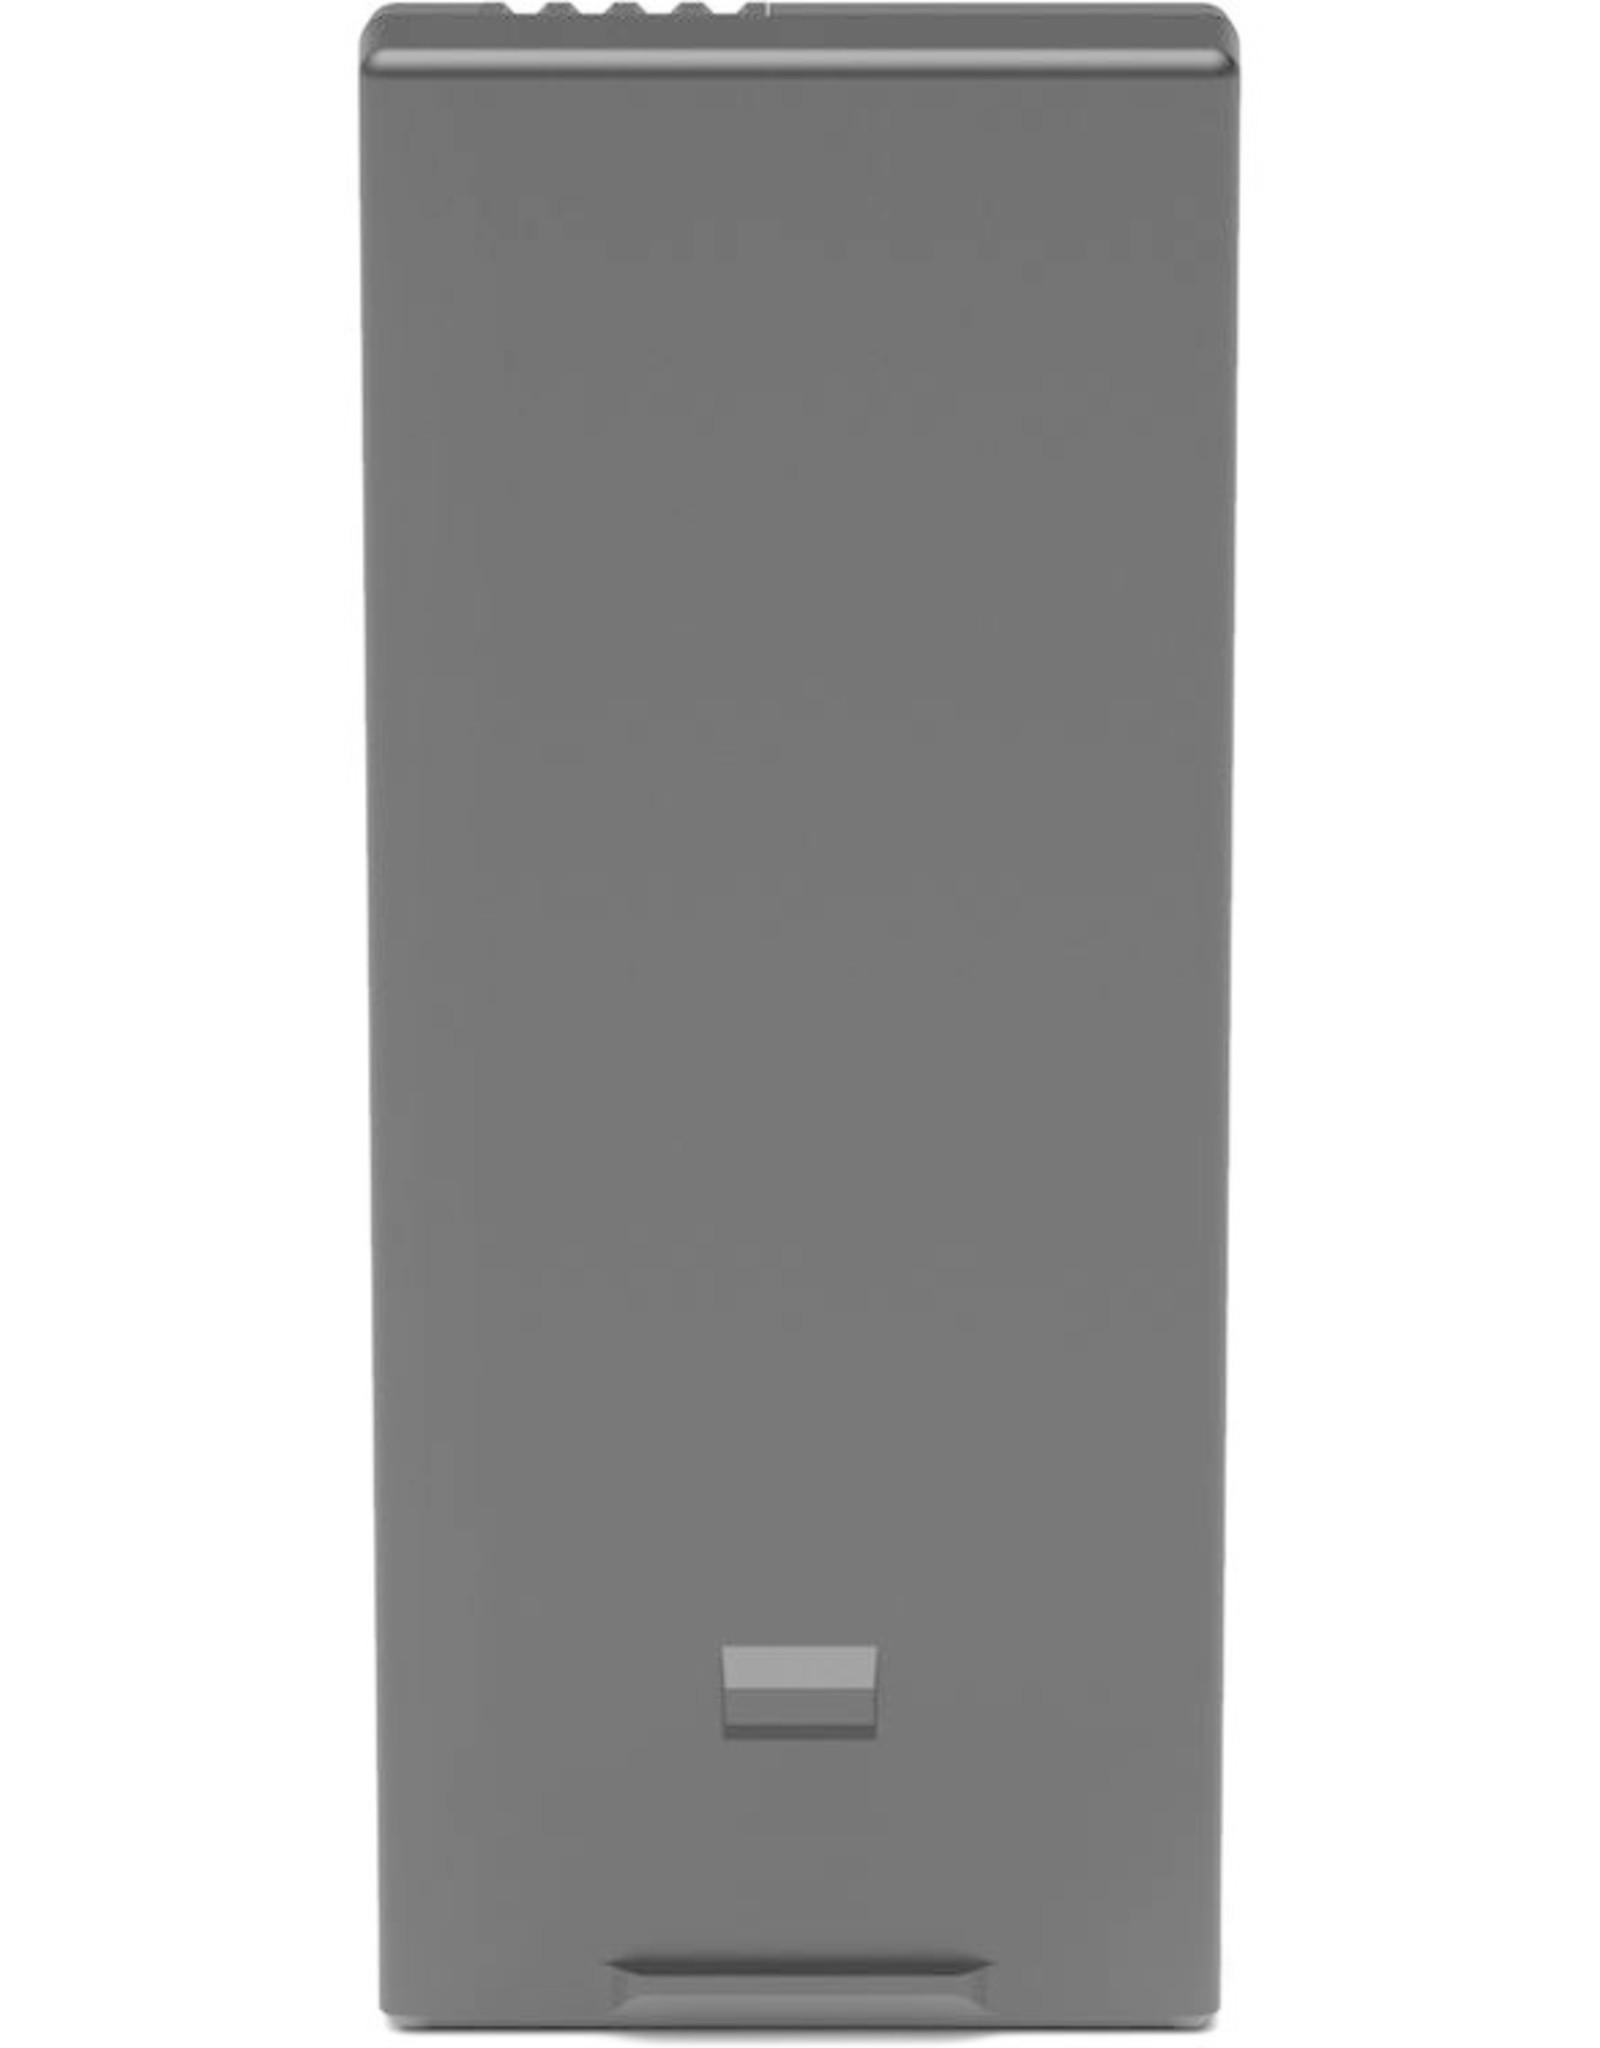 DJI DJI   Tello Part 1 Battery Retail CP.PT.00000213.01